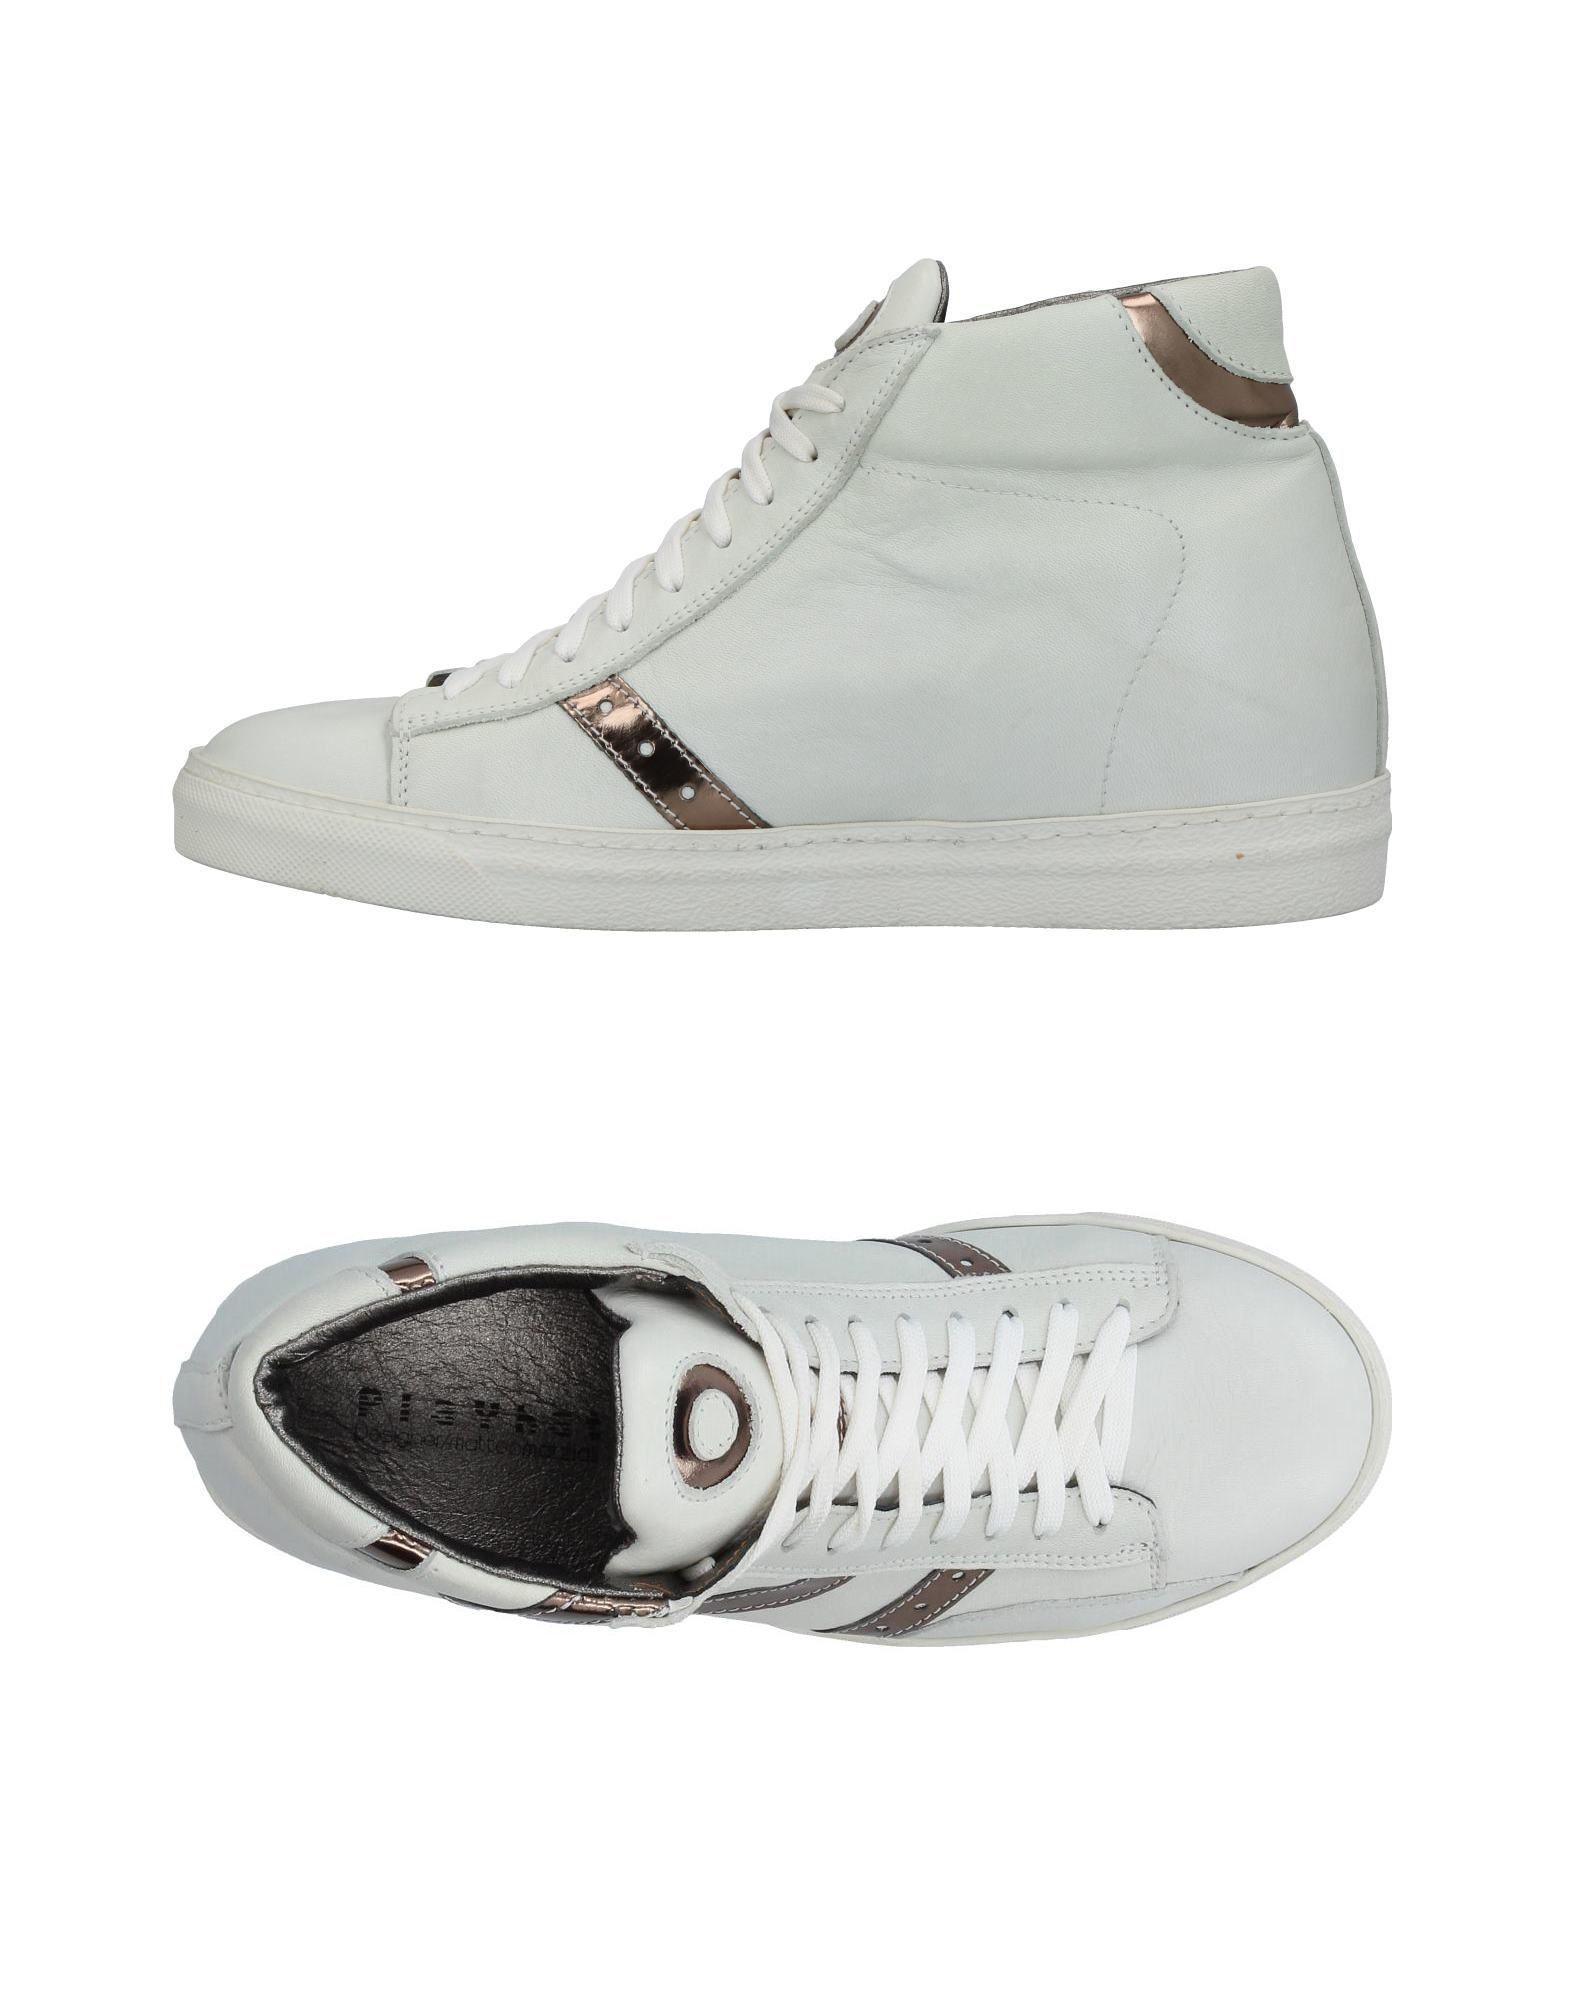 Playhat High-tops Et Chaussures De Sport kJeDP